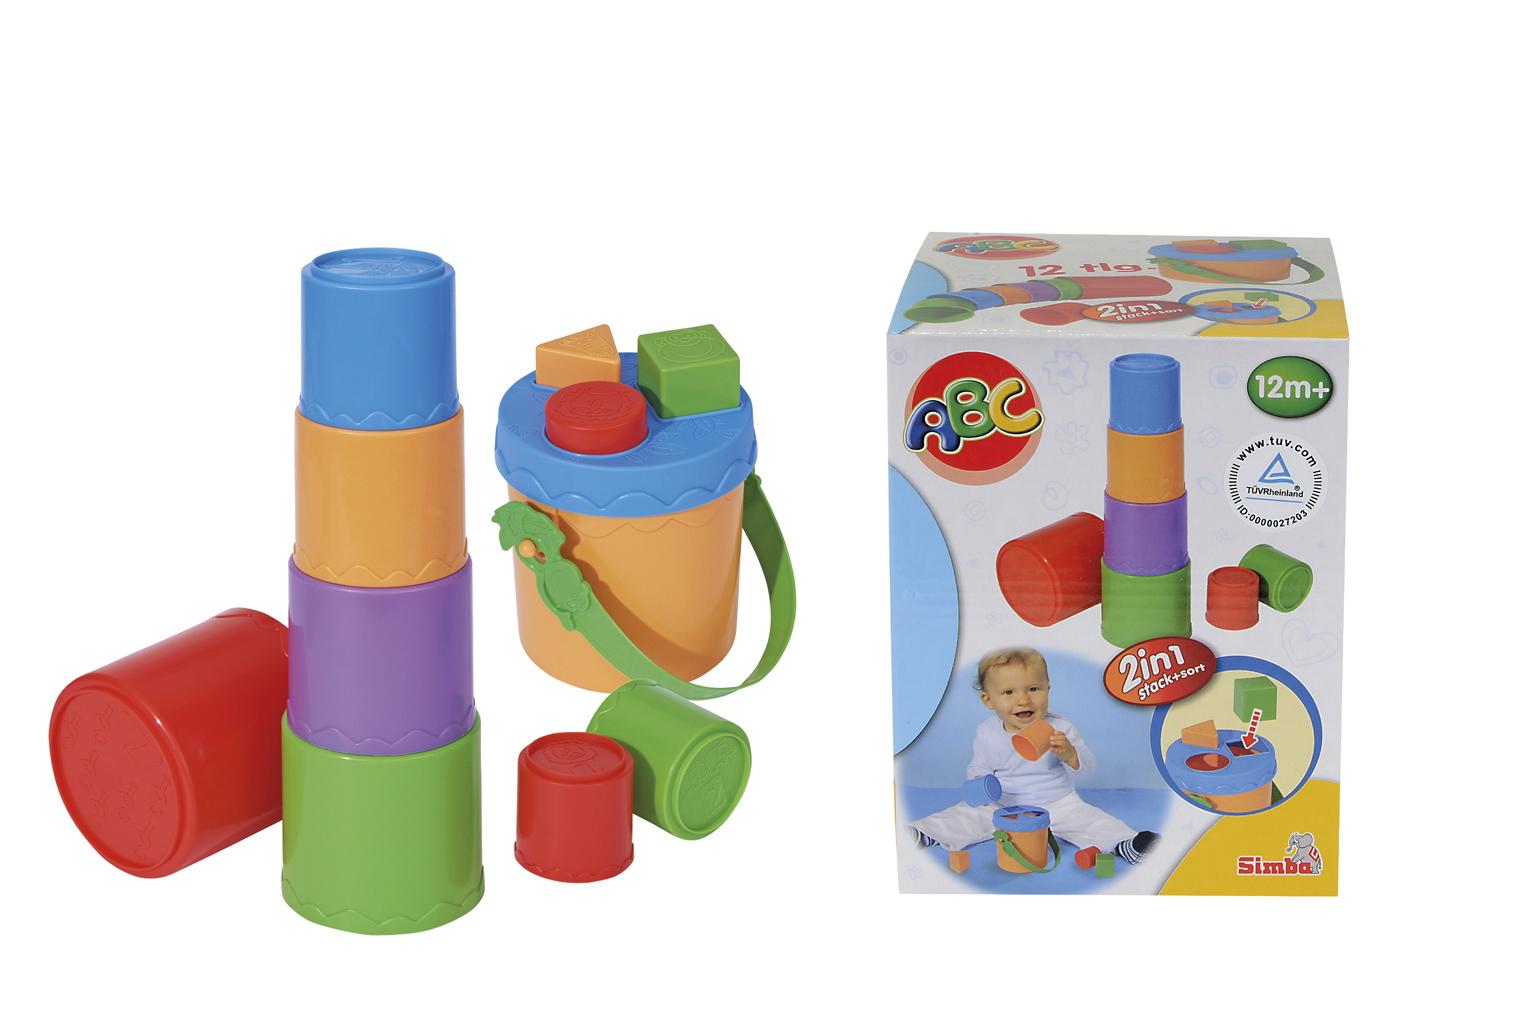 Купить Развивающая игрушка Пирамидка-сортер, Simba